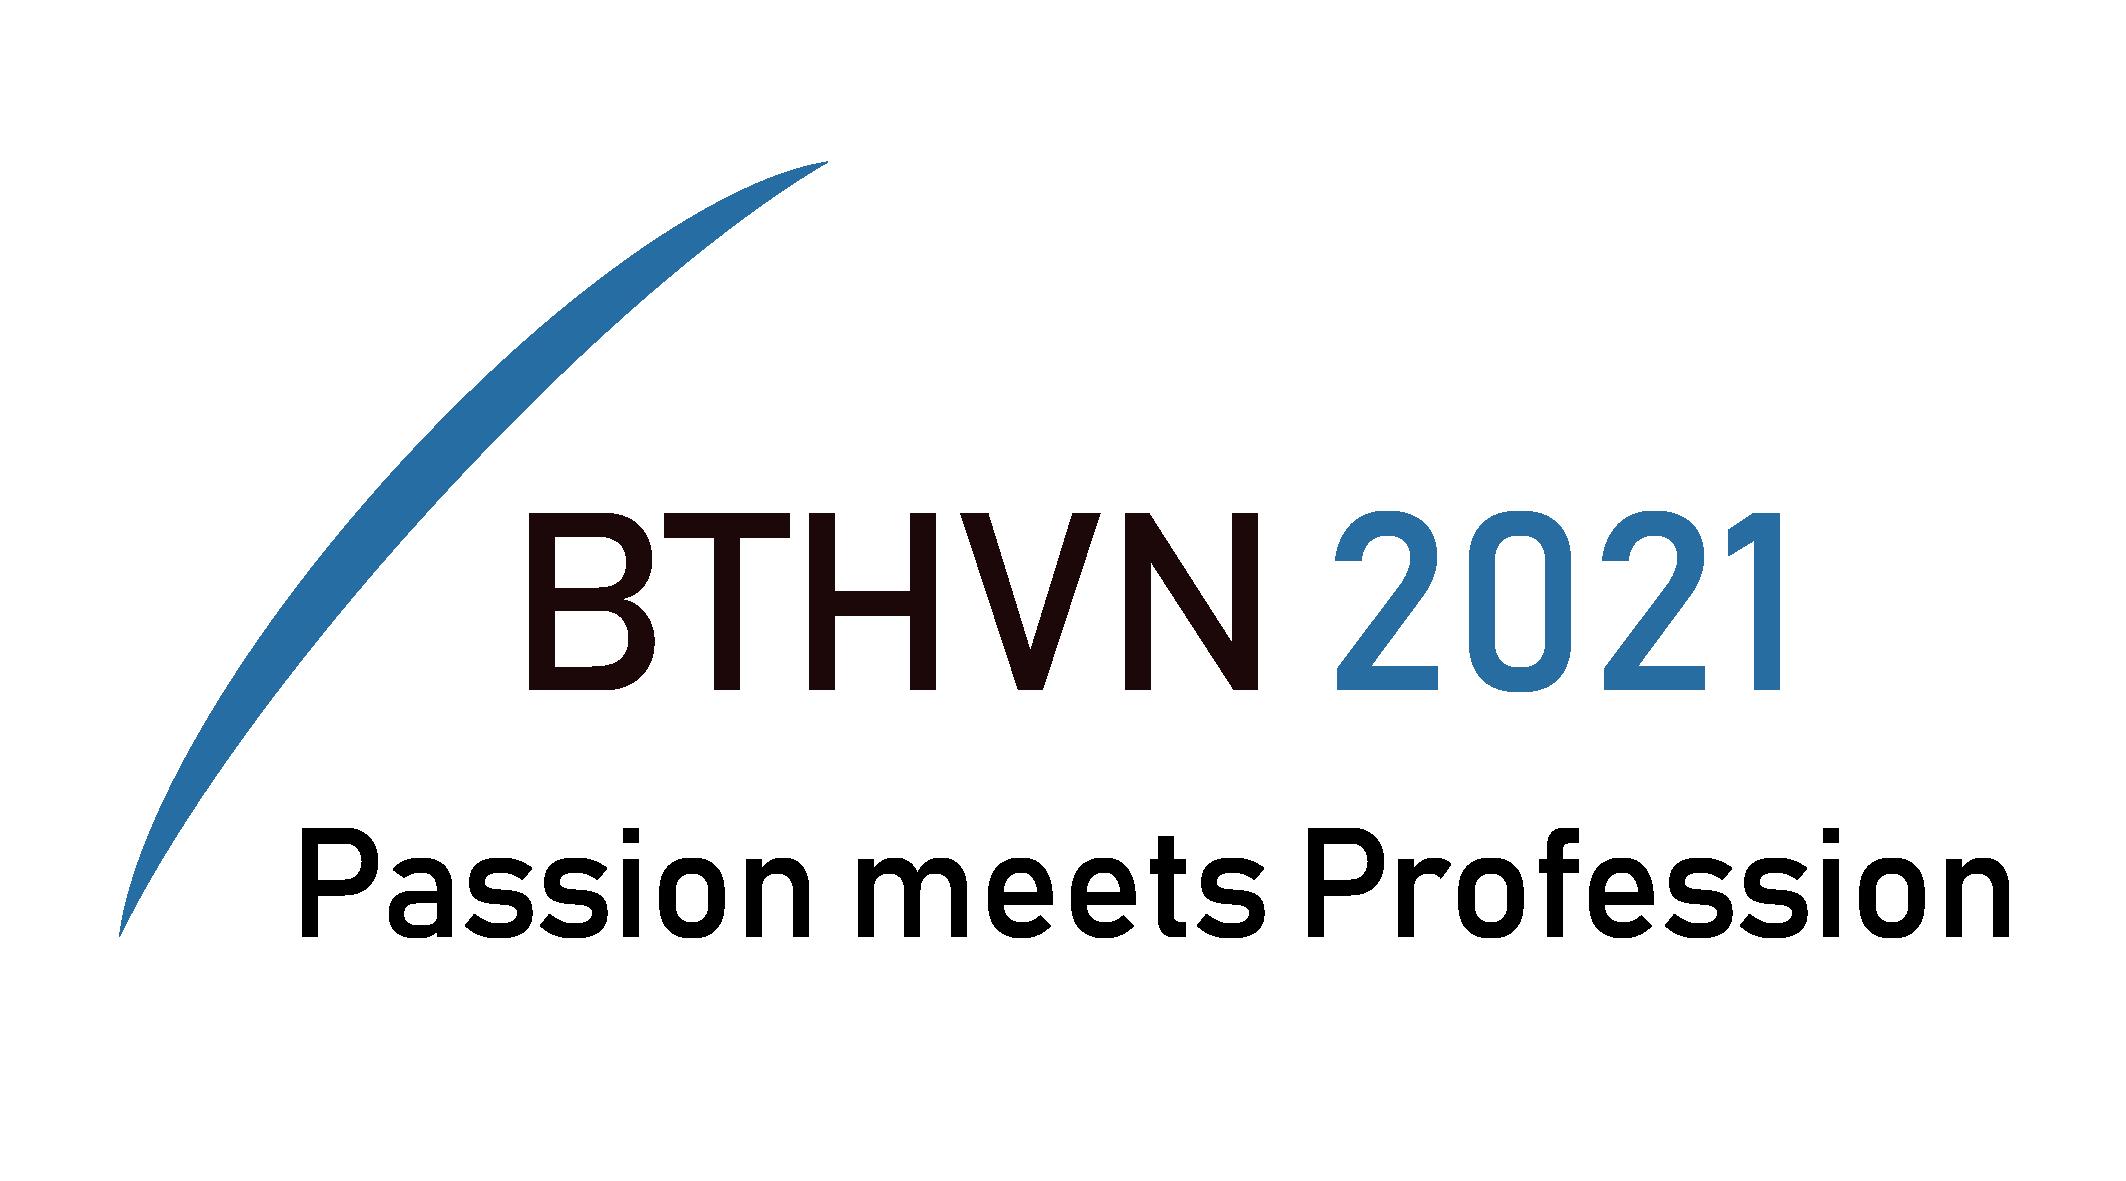 BTHVN 2021